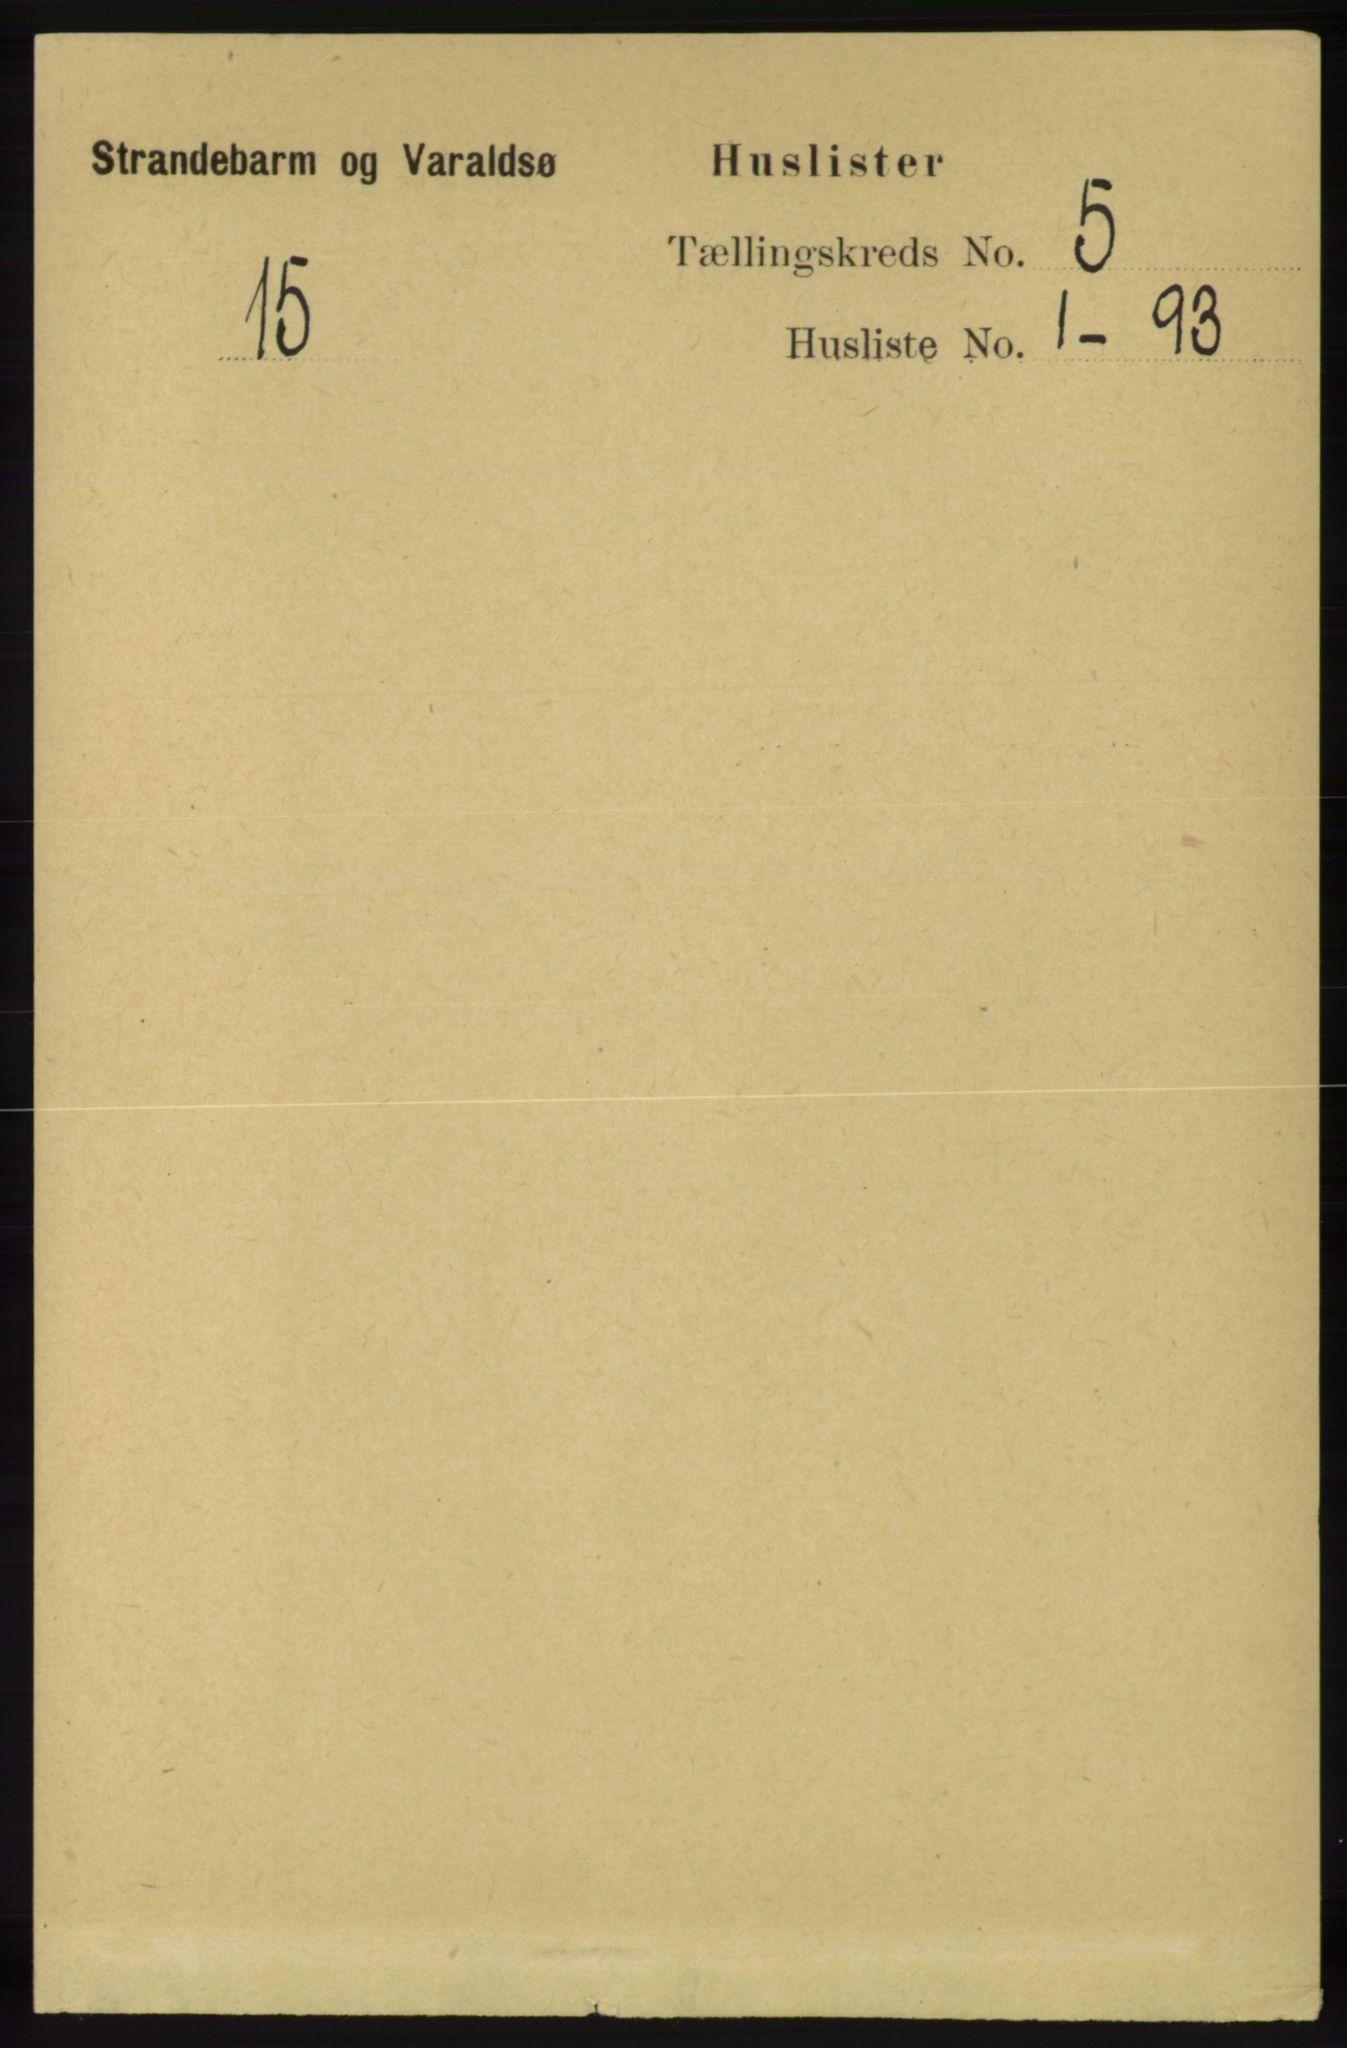 RA, Folketelling 1891 for 1226 Strandebarm og Varaldsøy herred, 1891, s. 1791